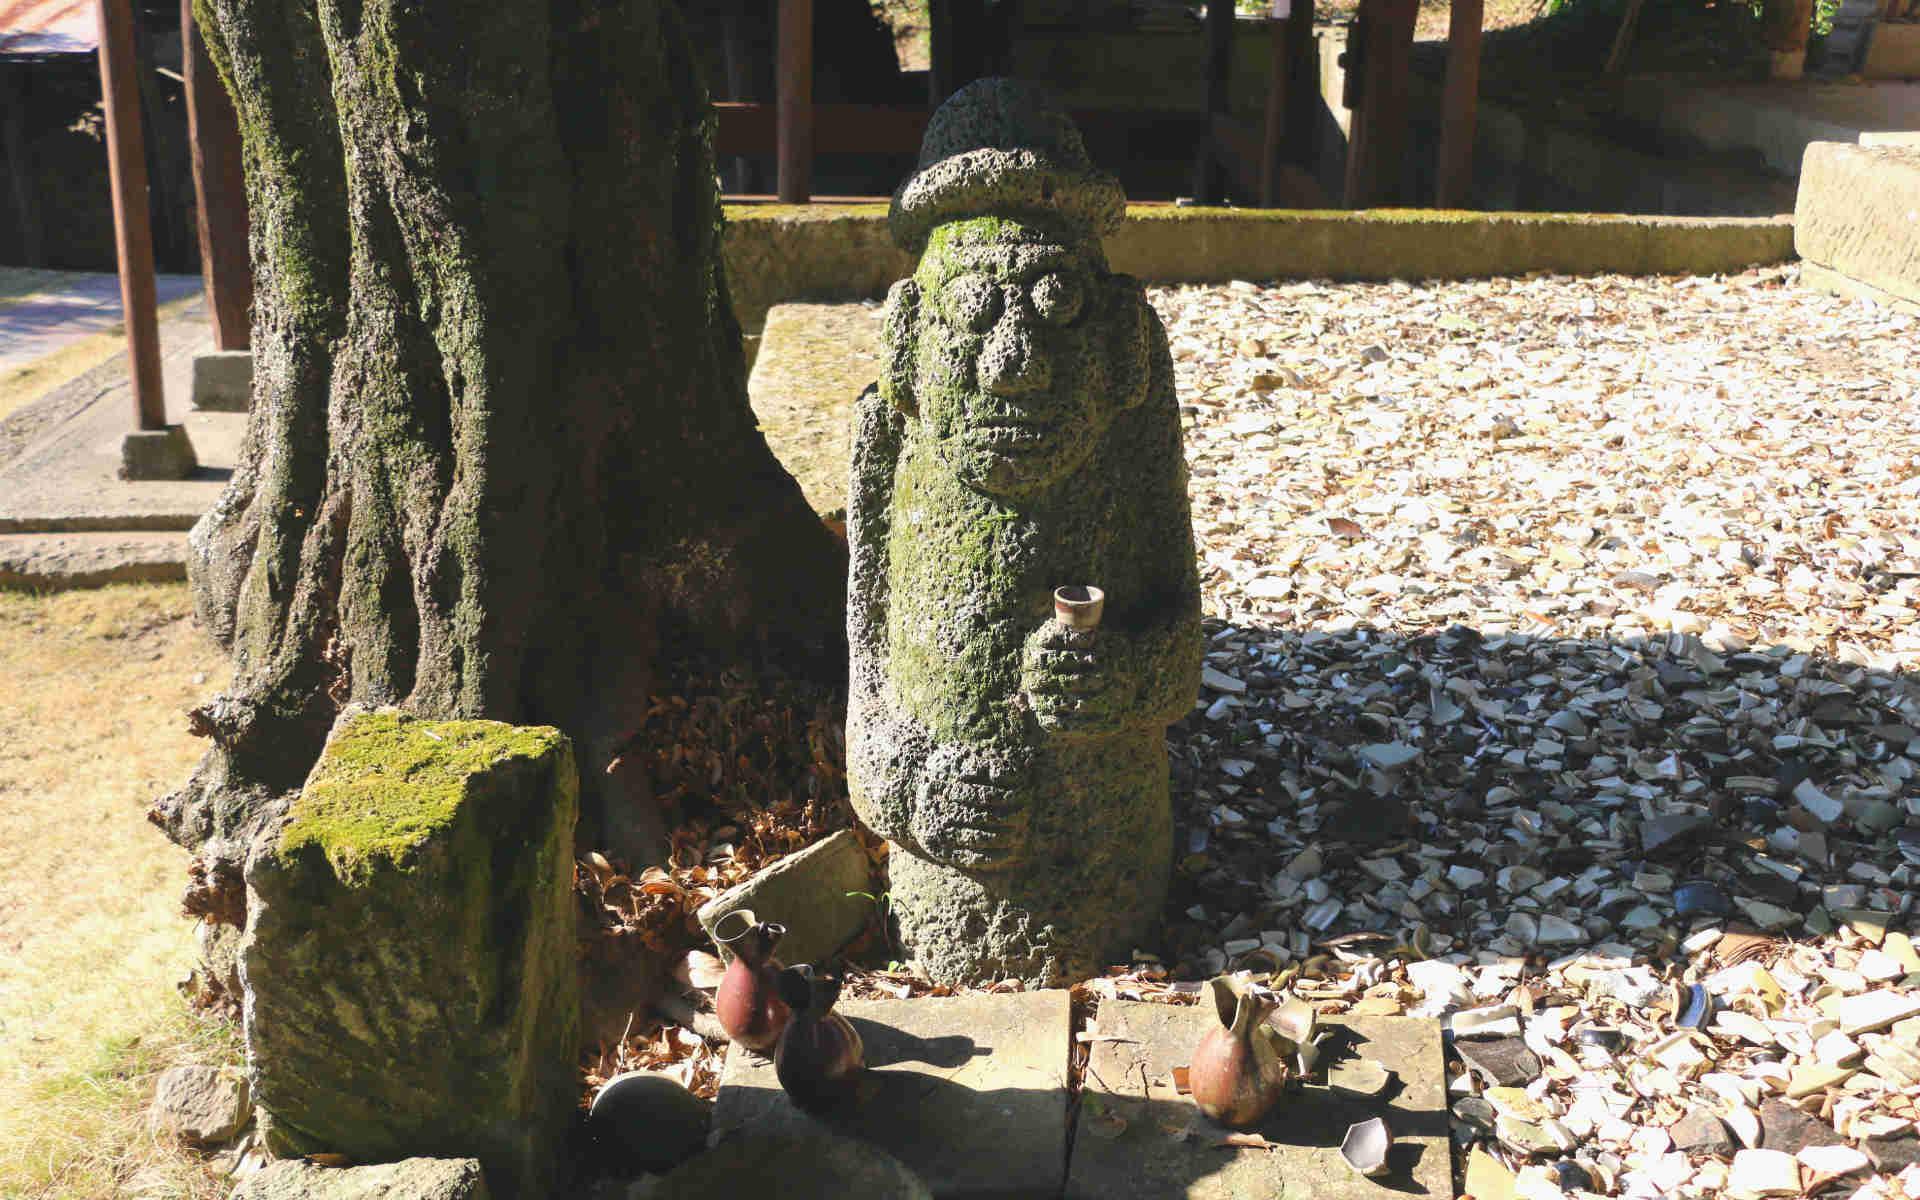 薩摩焼を代表する窯元「沈壽官窯」で手に入れたい白薩摩